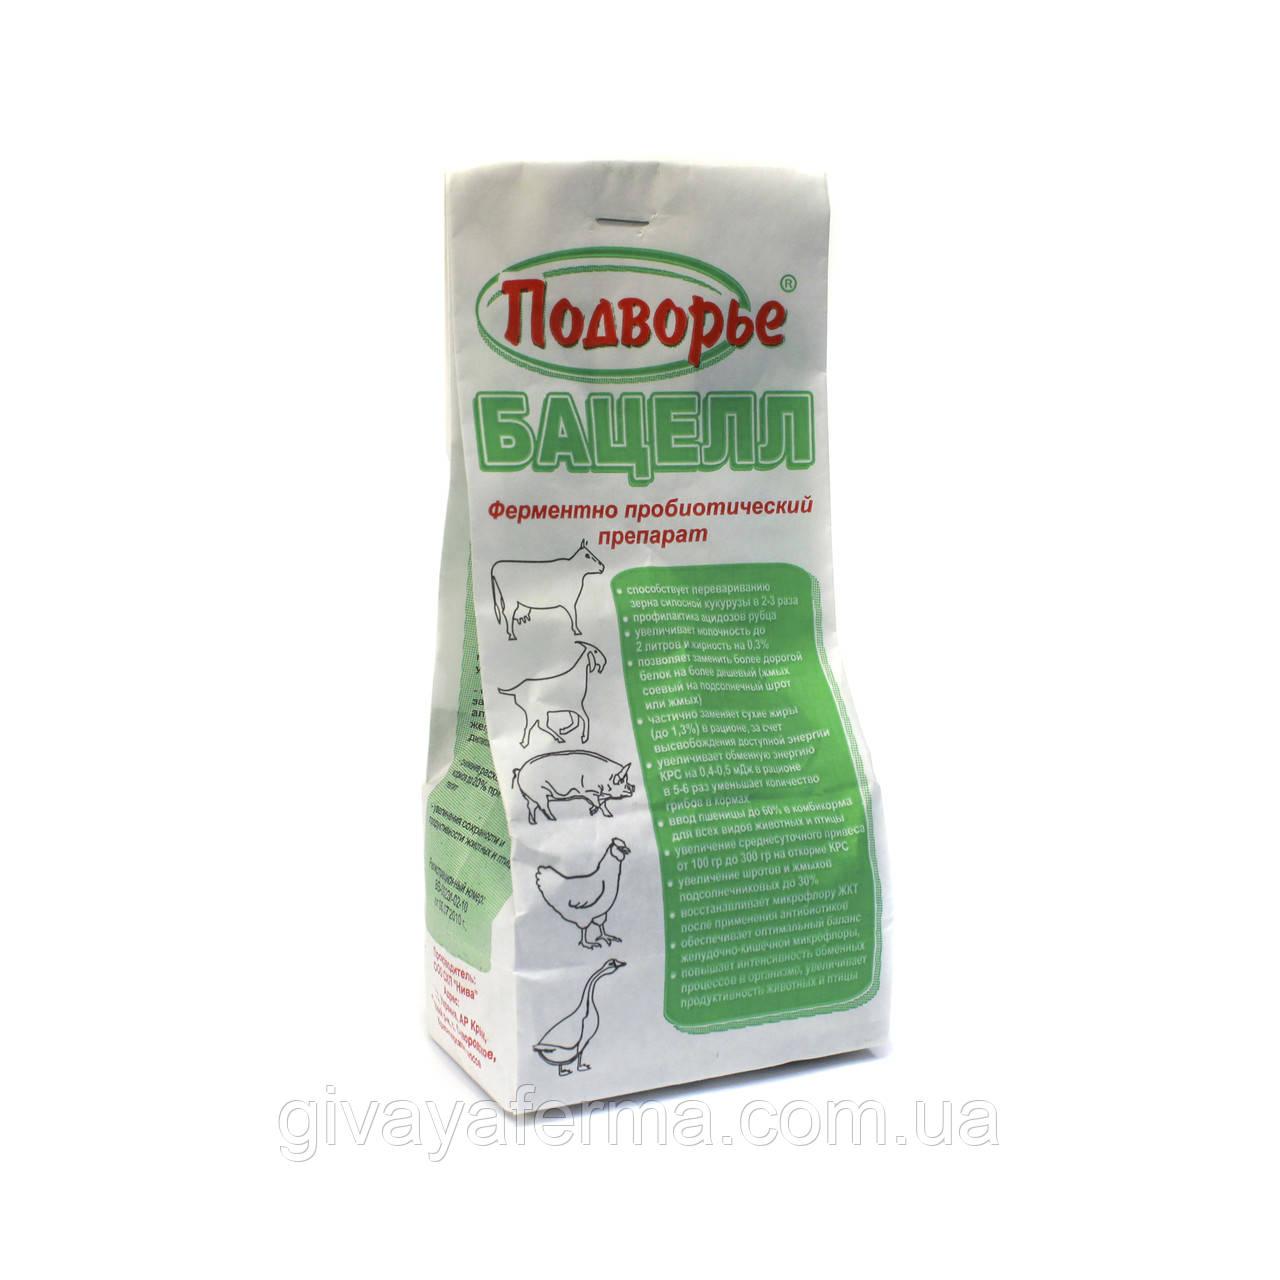 Бацелл 300 гр, ПРОБИОТИК, ферментно-пробиотический препарат для с/х животных и птицы